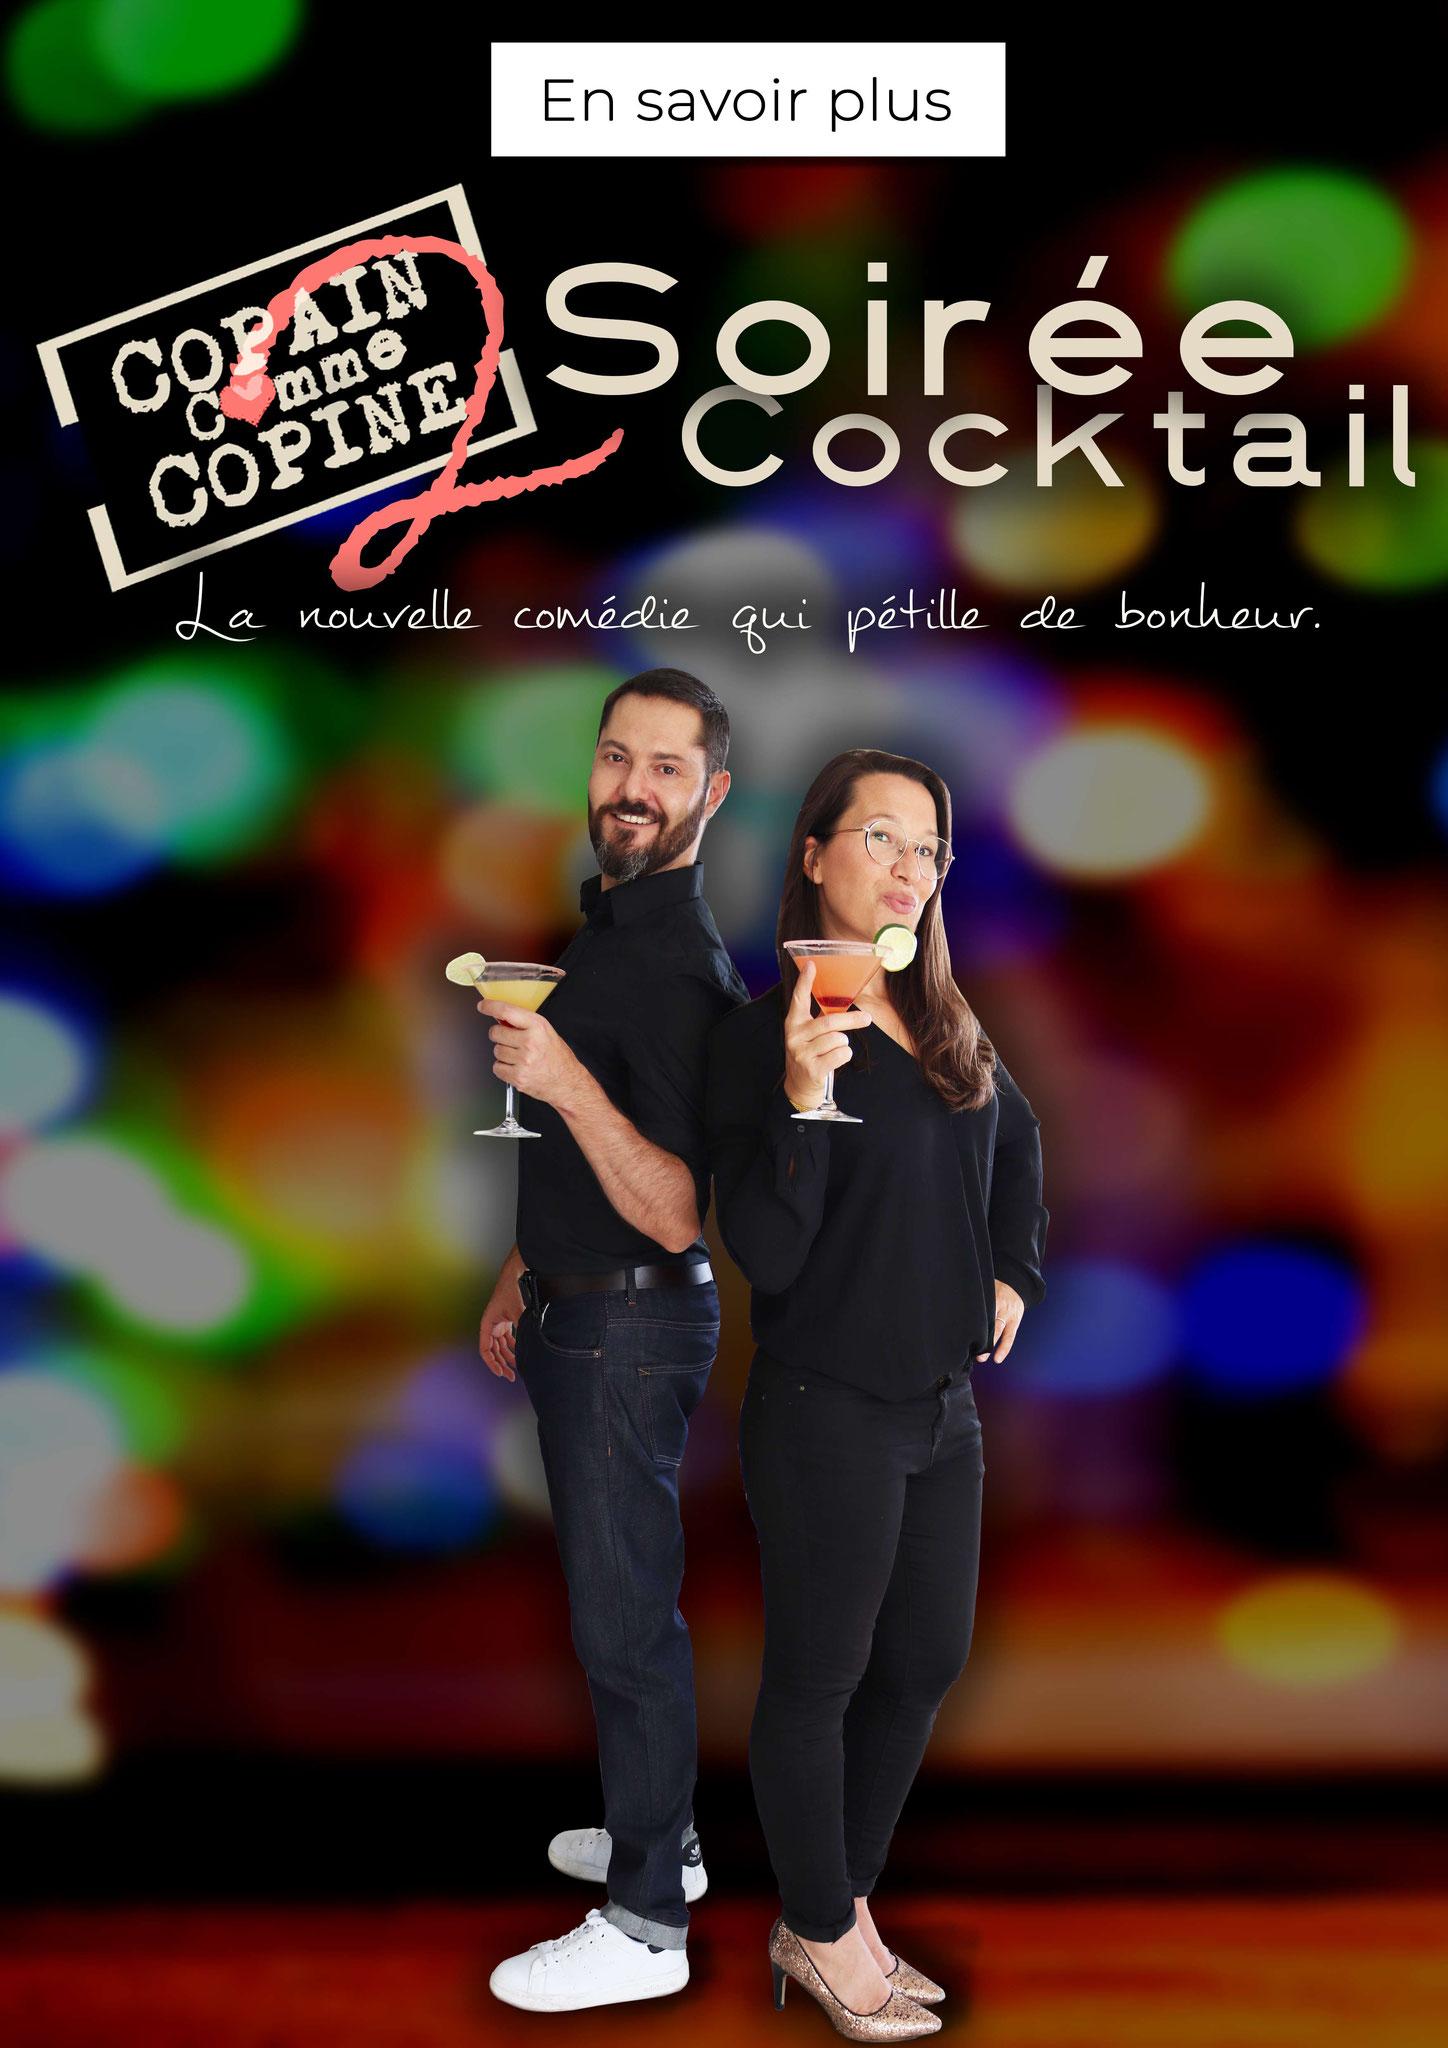 Spectacle Copain comme copine 2: Soirée Cocktail